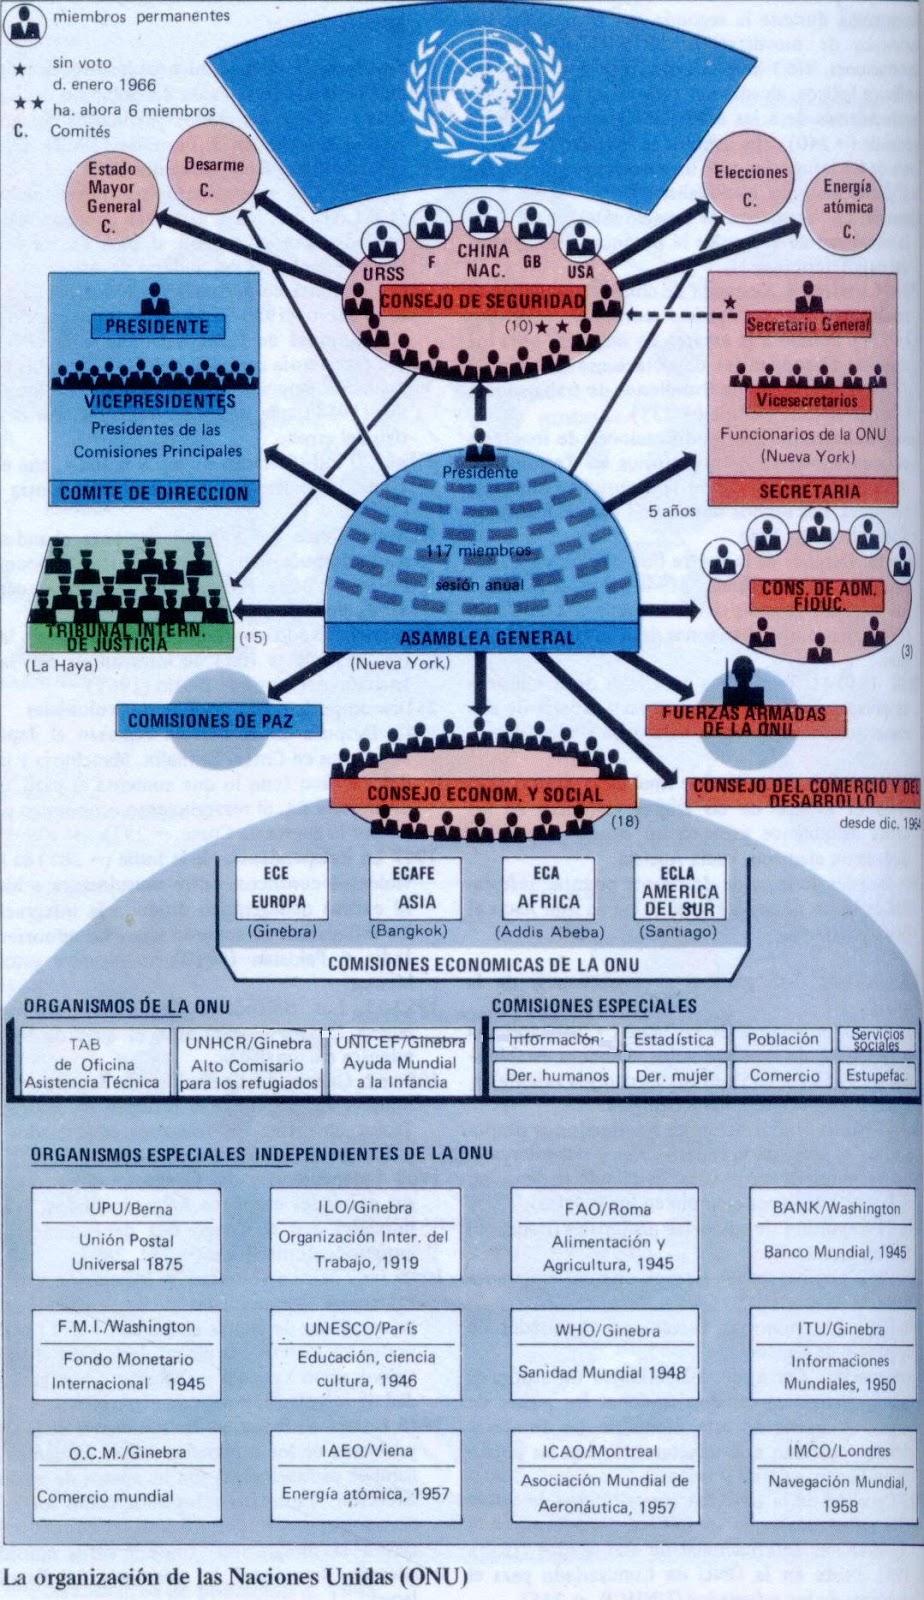 creartehistoria: Esquema sobre la organización de la O.N.U.